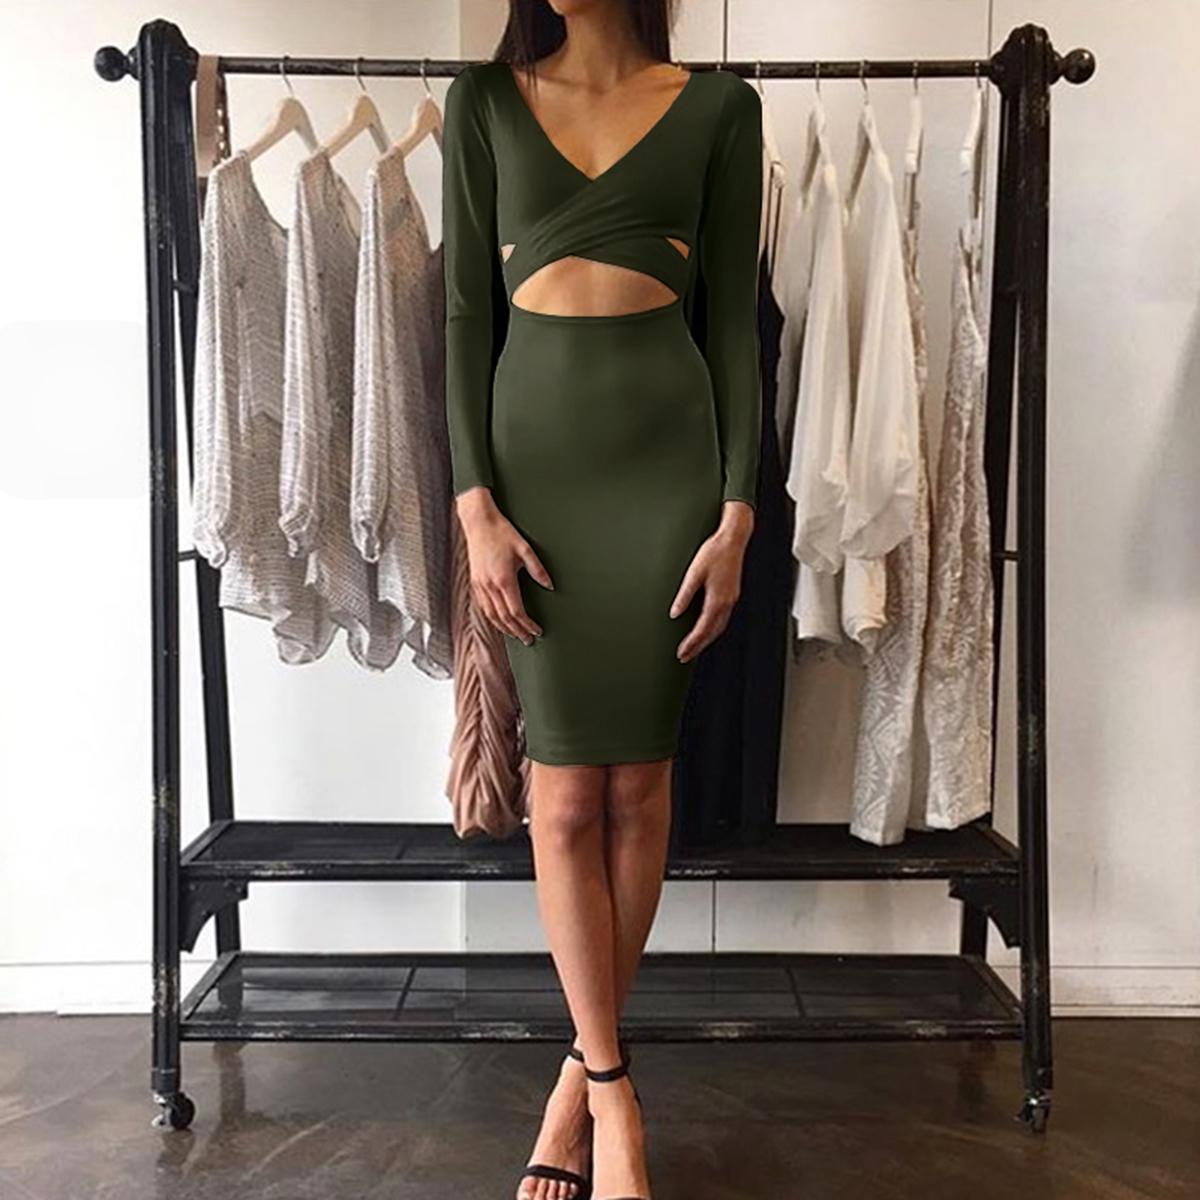 Damen Kleider Bodycon Mode Frauen Kleidung Sexy Bodycon Enge Frauen Party Kleider